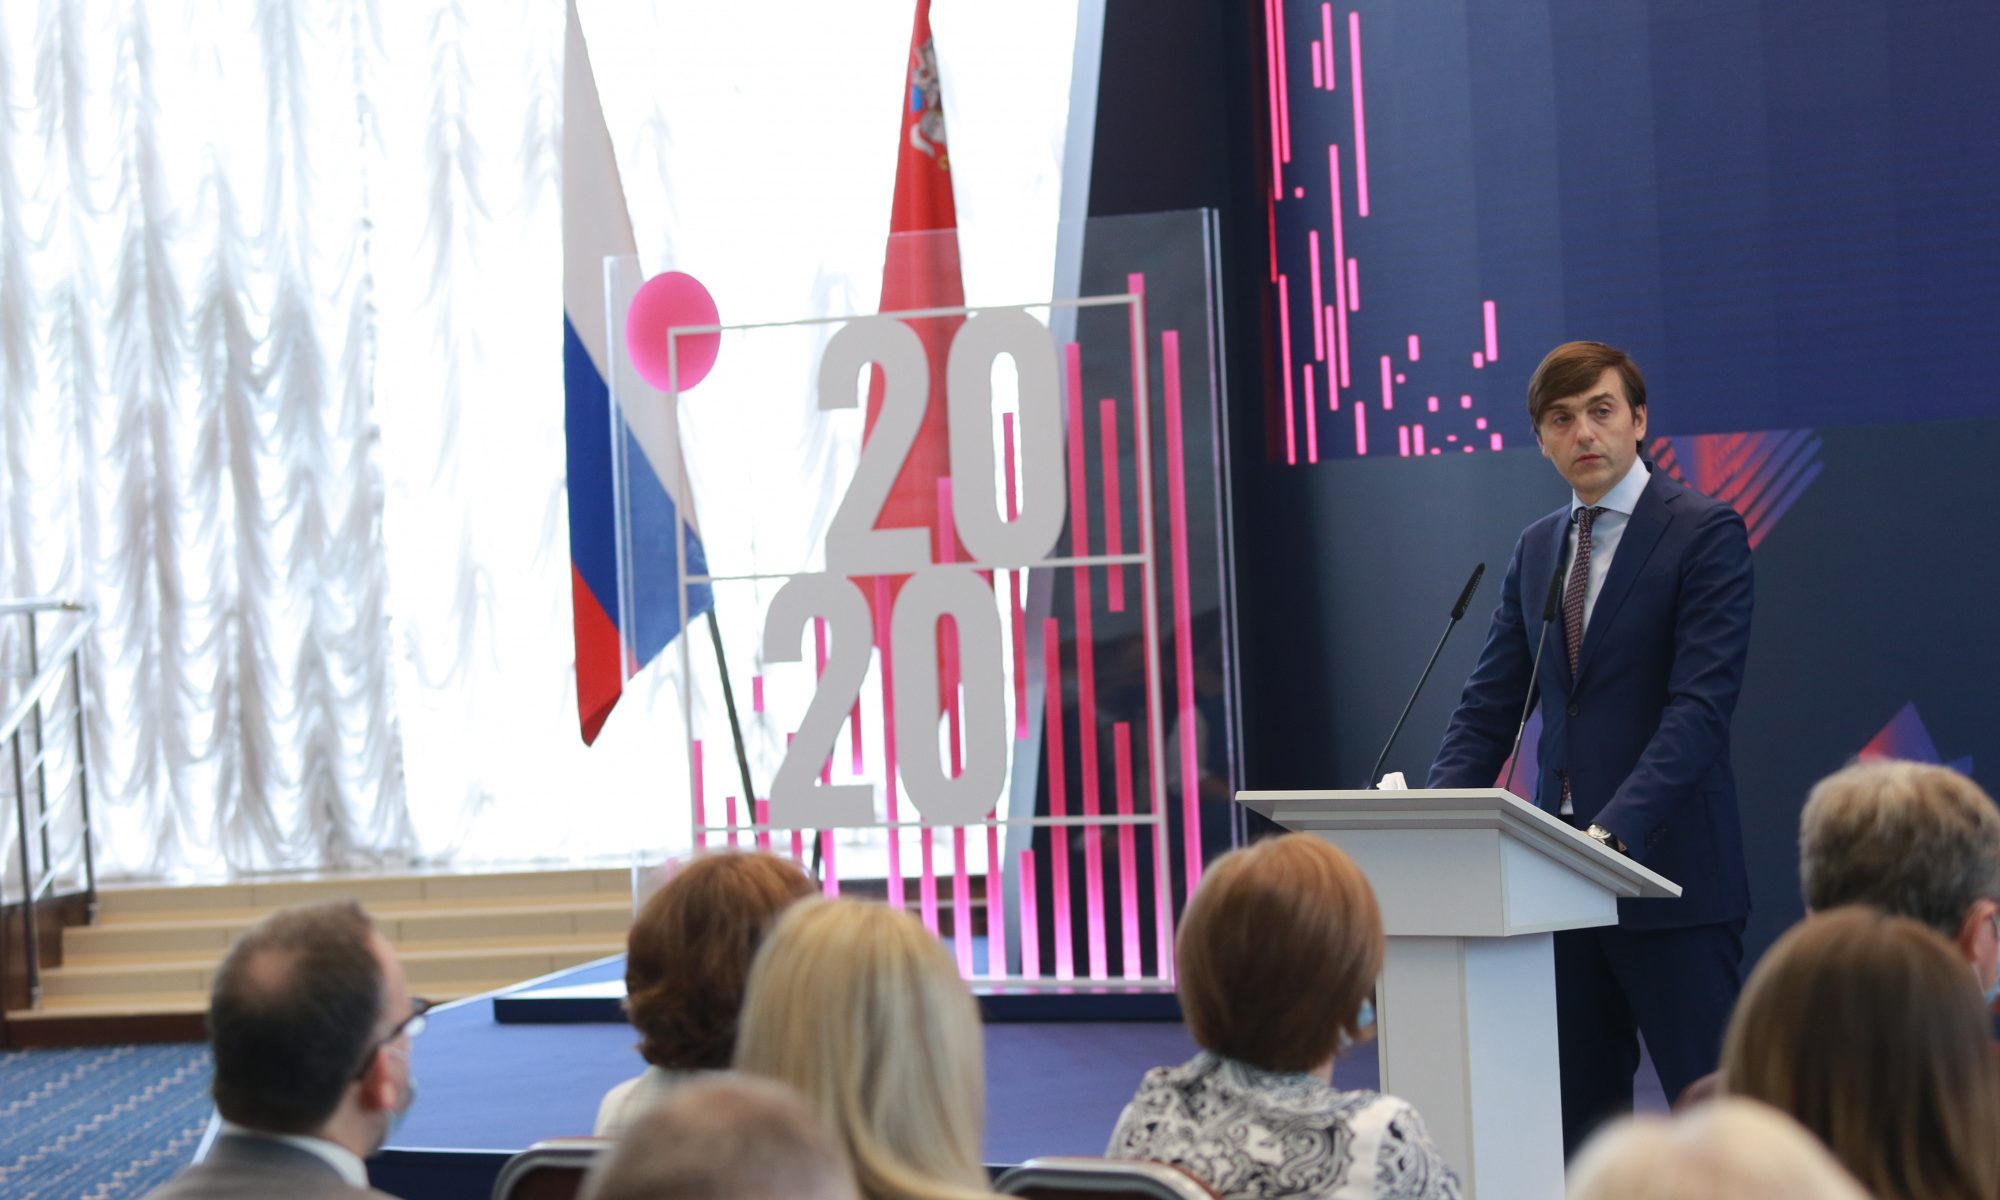 v-nachale-uchebnogo-goda-minprosveshheniya-provedet-monitoring-zdorovya-uchashhihsya-i-pedagogov